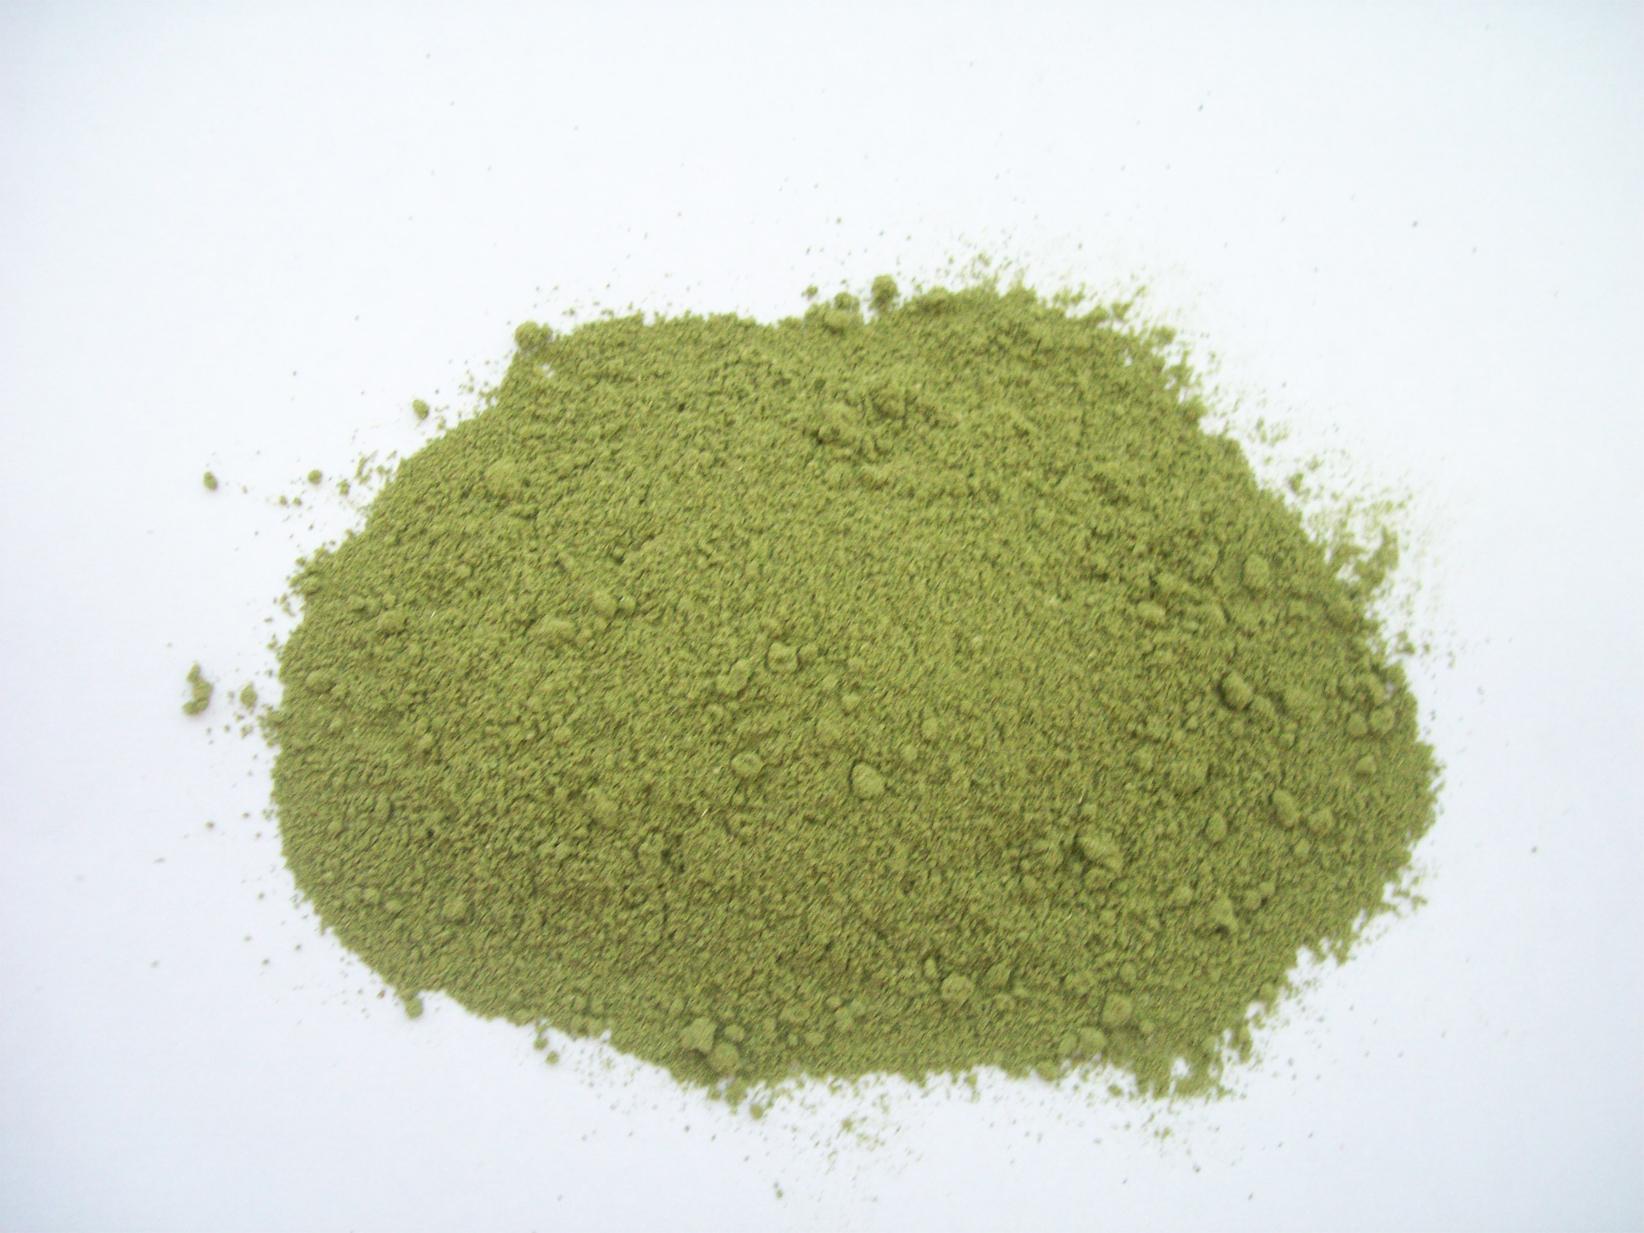 Parsley-leaf-powder